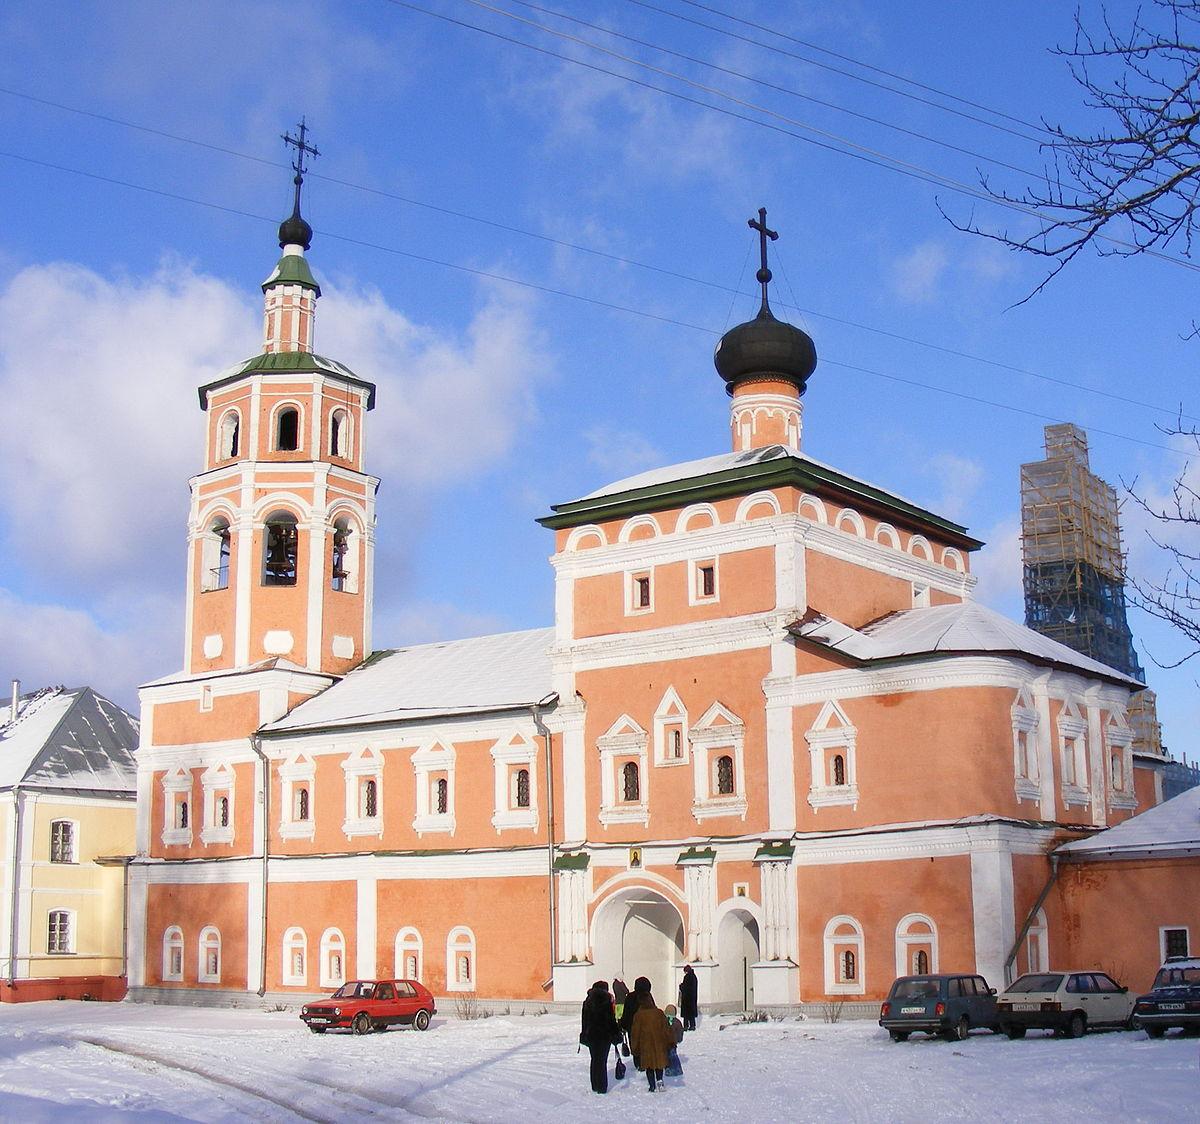 Купить снегоуборочную машину Городское население - пгт Хиславичи (рц) Снегоуборщики Холмогорский район - сельское население